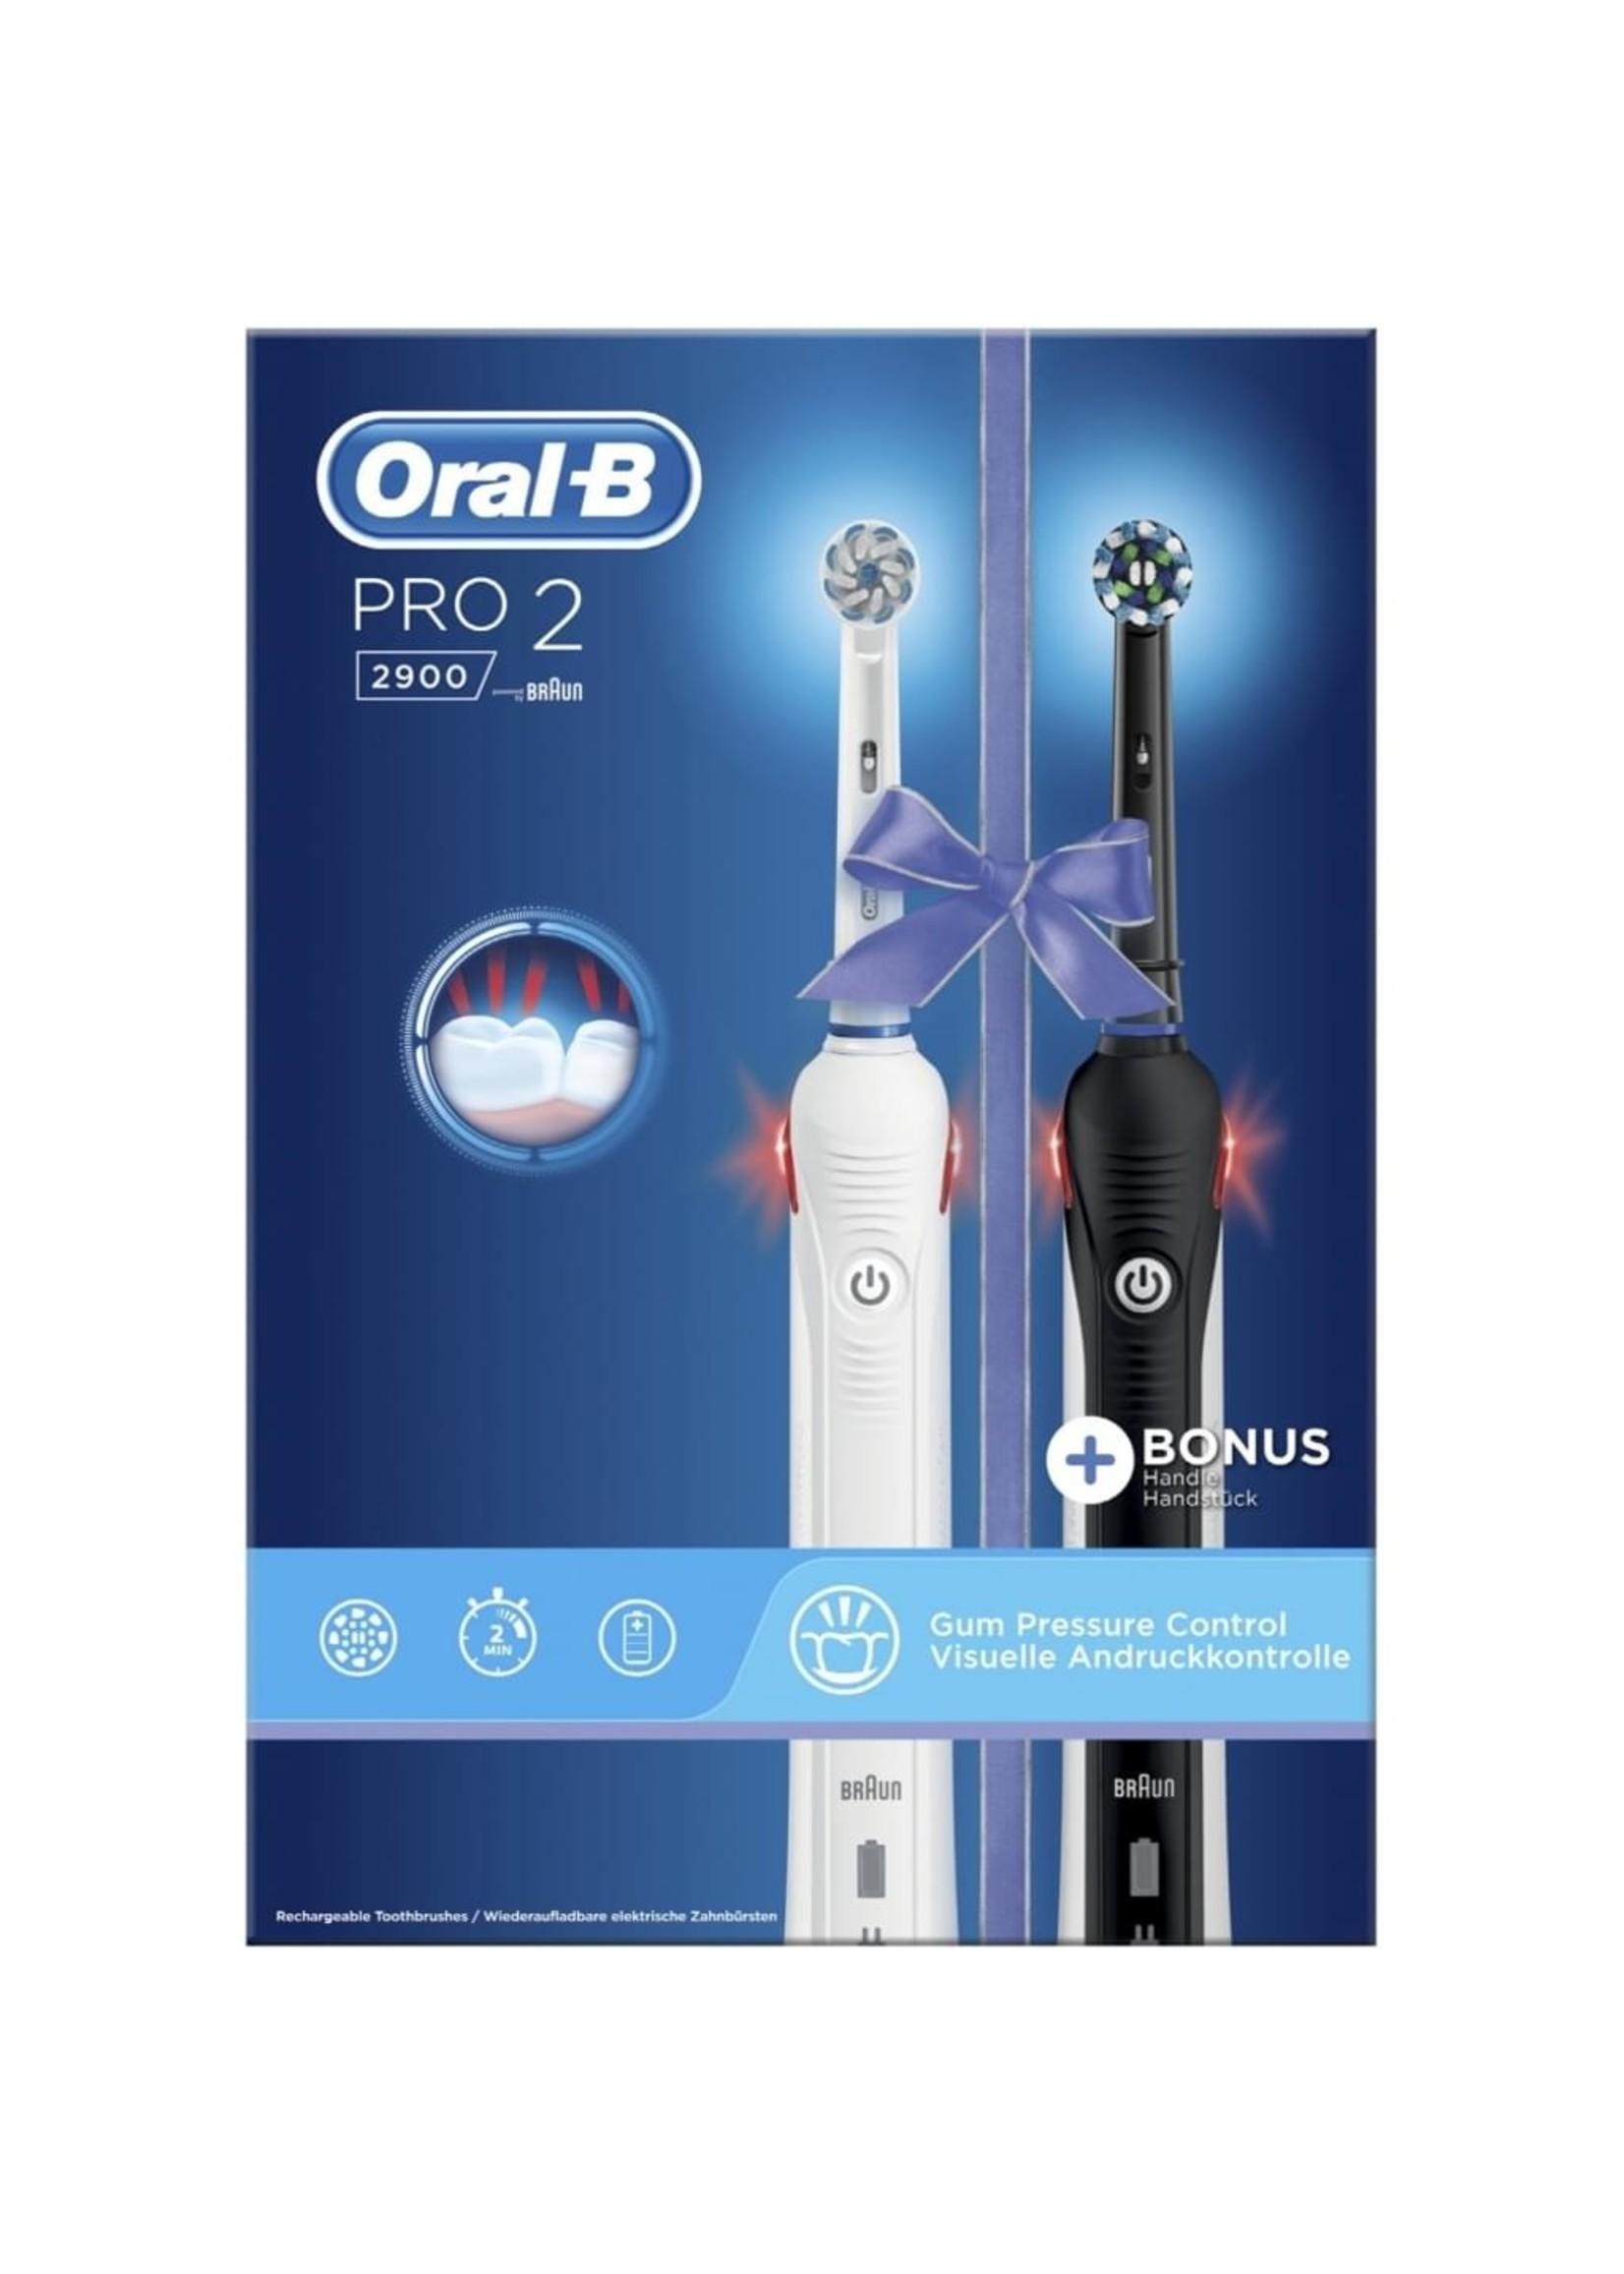 Oral-B Oral-B Pro 2 2900 - Elektrische Tandenborstel - 2 stuks - Wit, zwart